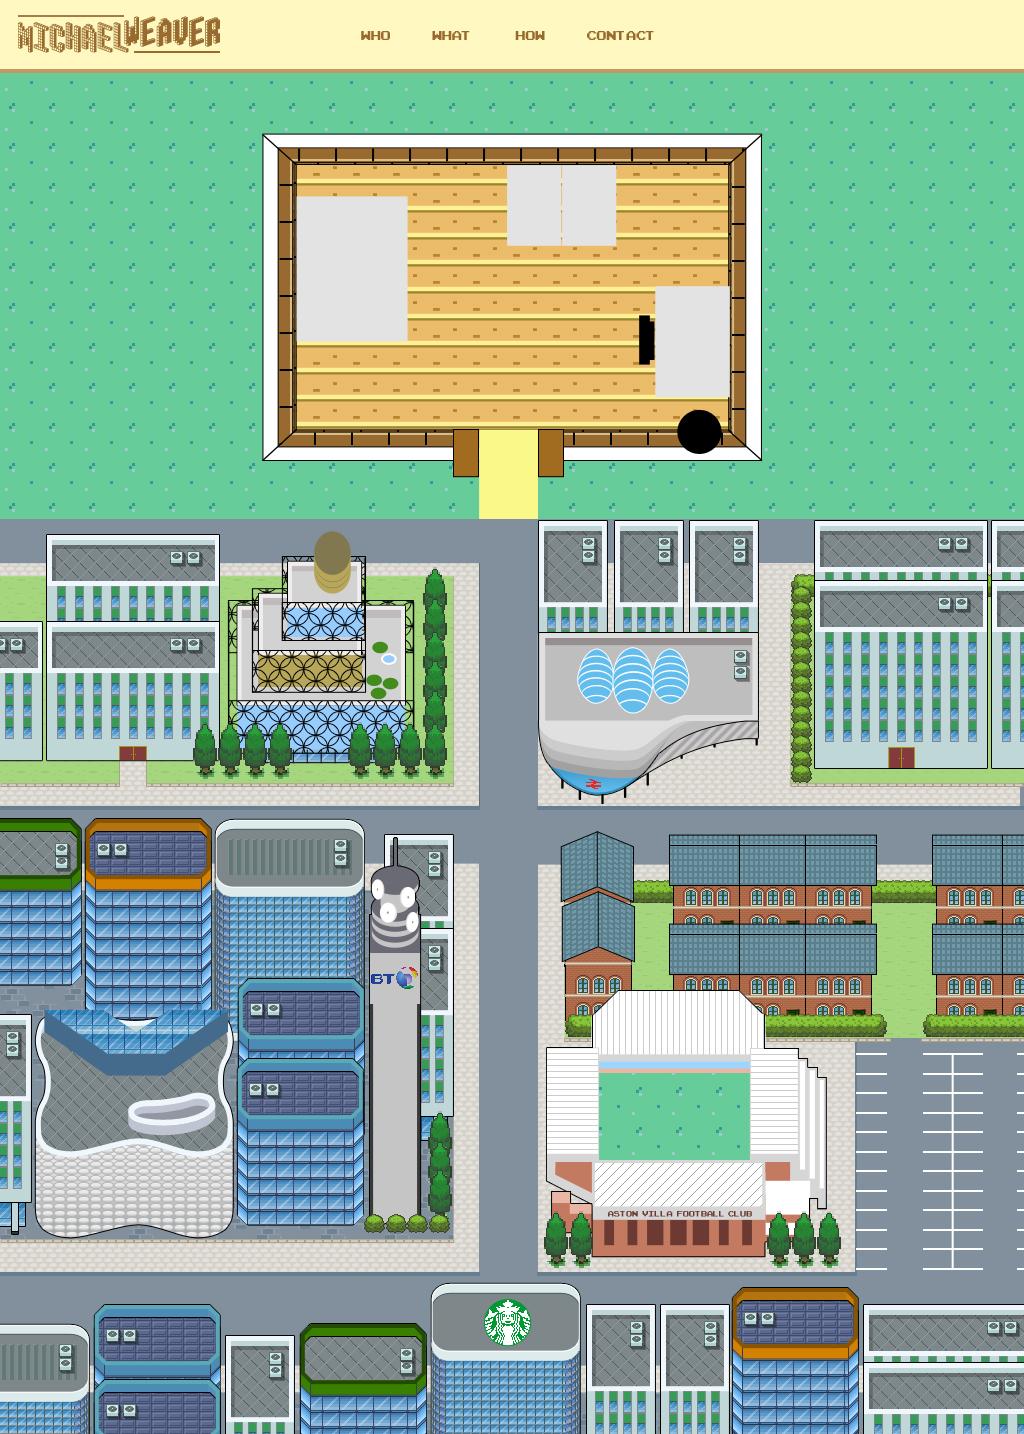 Pixel Birmingham